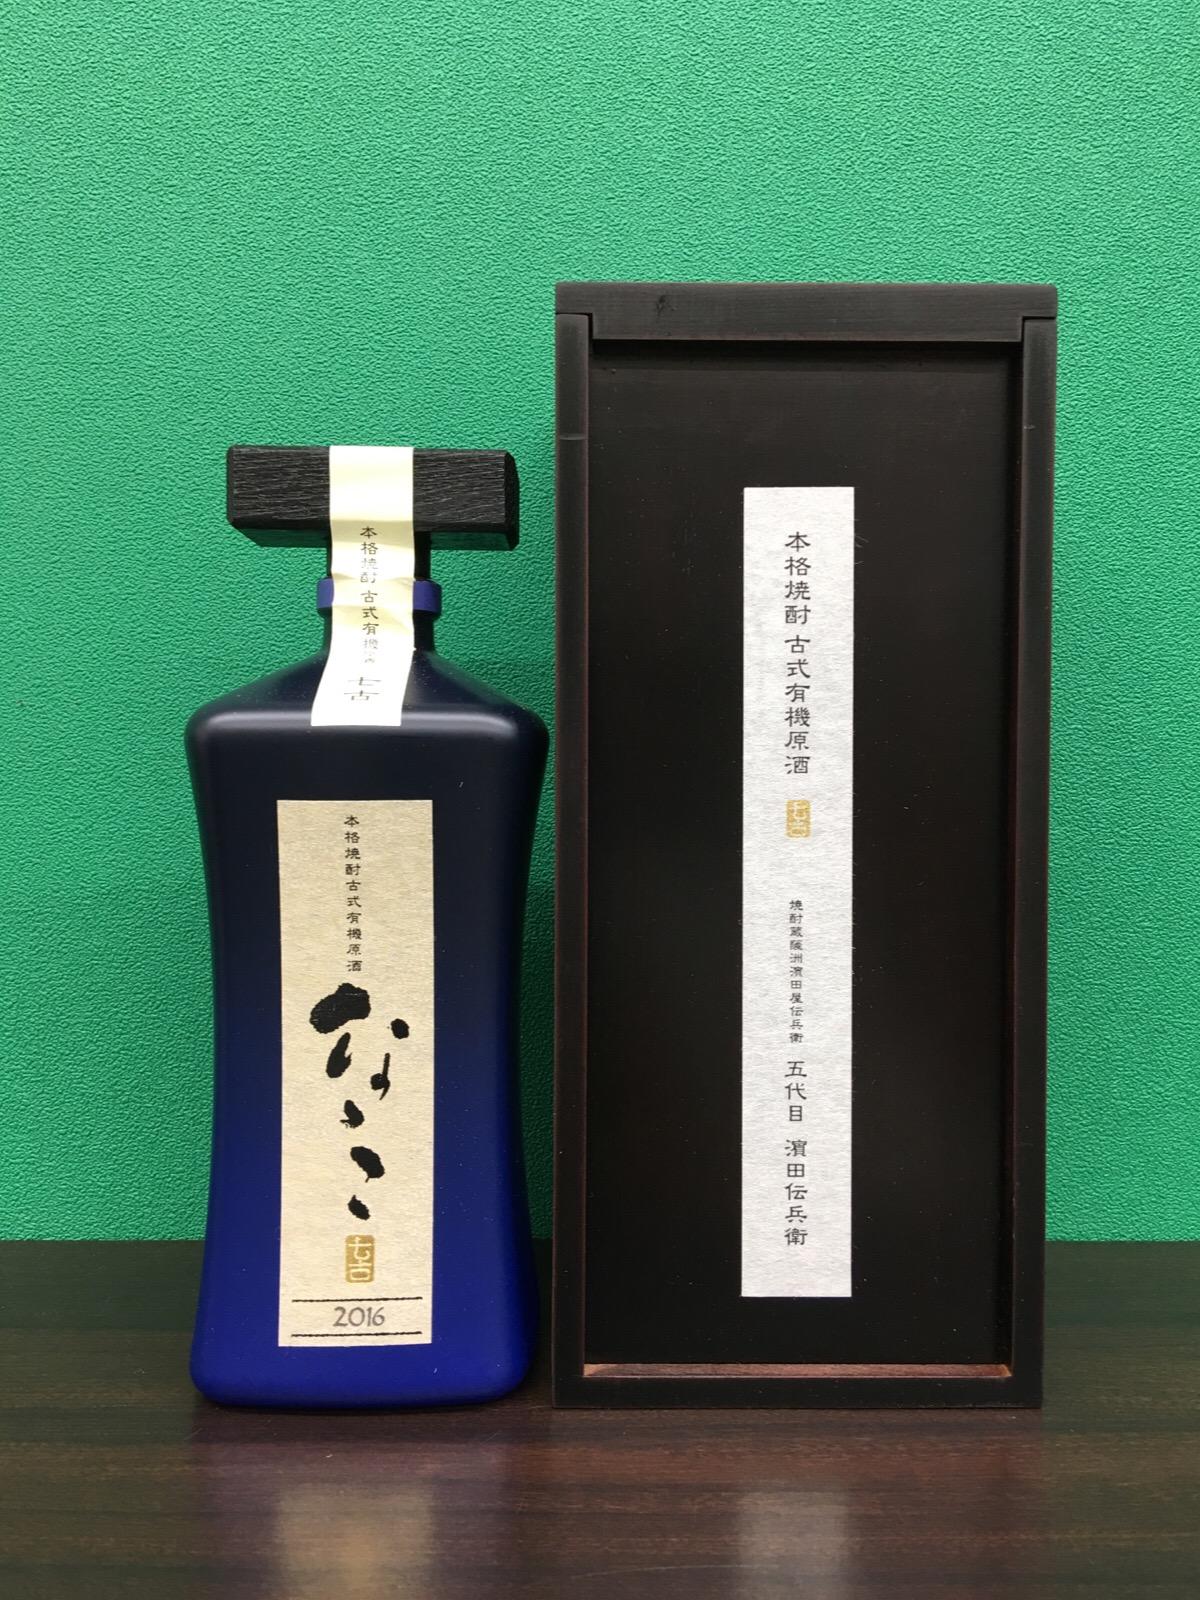 古式有機原酒なゝこ 2016 720ml